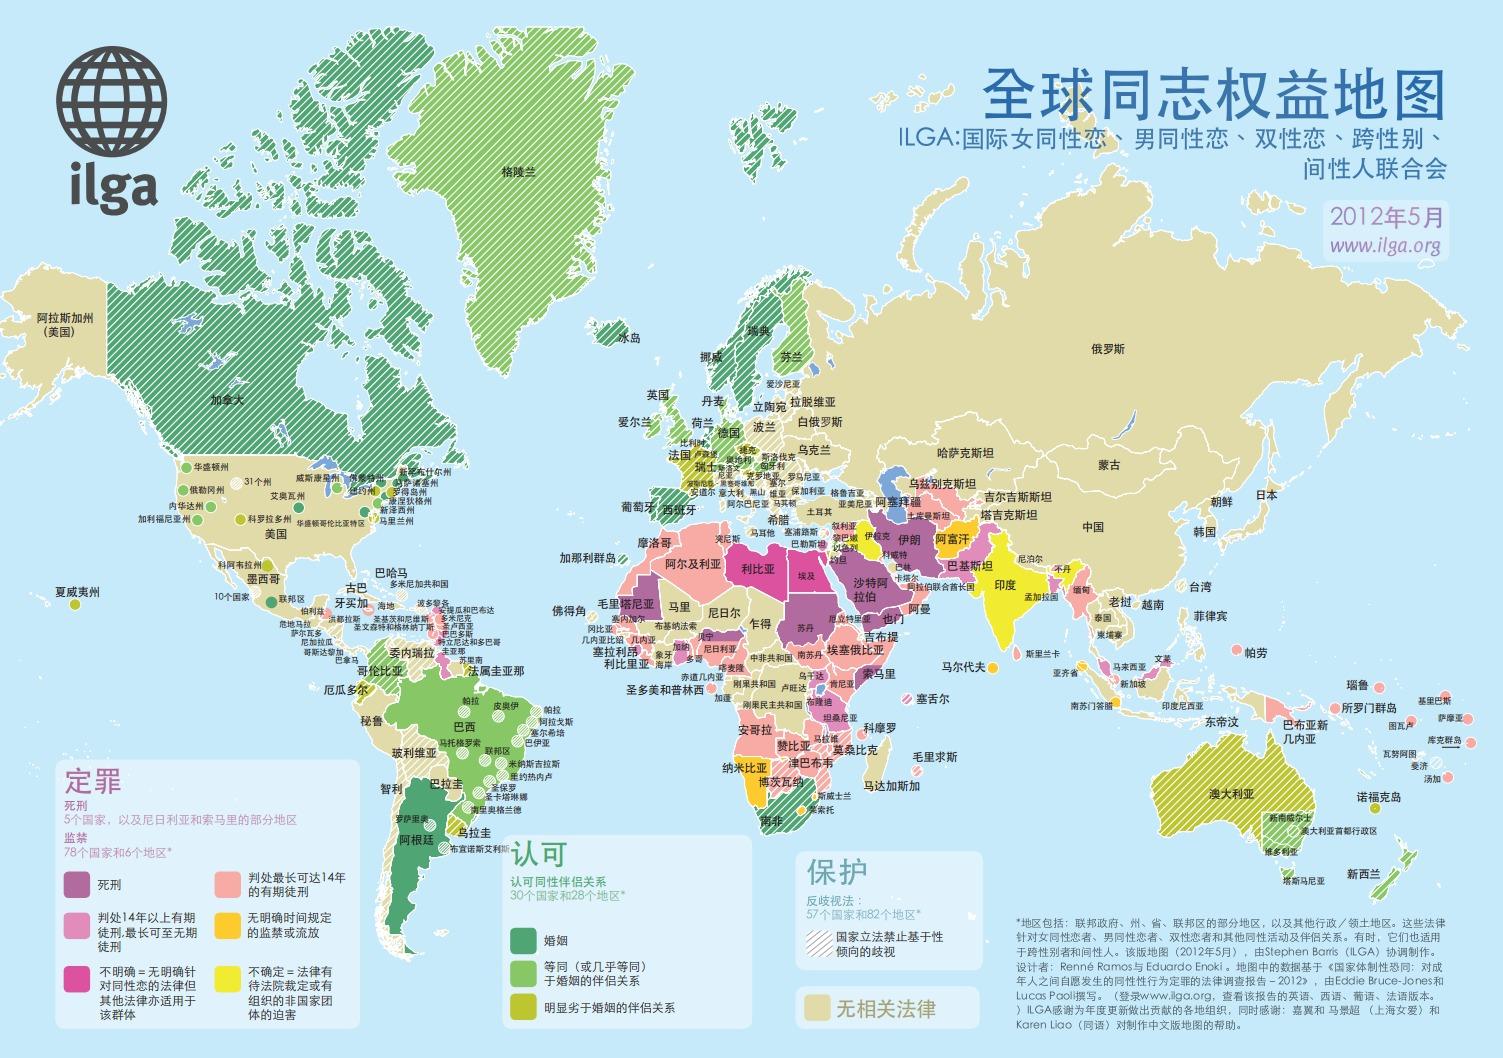 亚洲国家_第二次世界大战后亚洲一些 国家 独立形势图 亚洲哪个